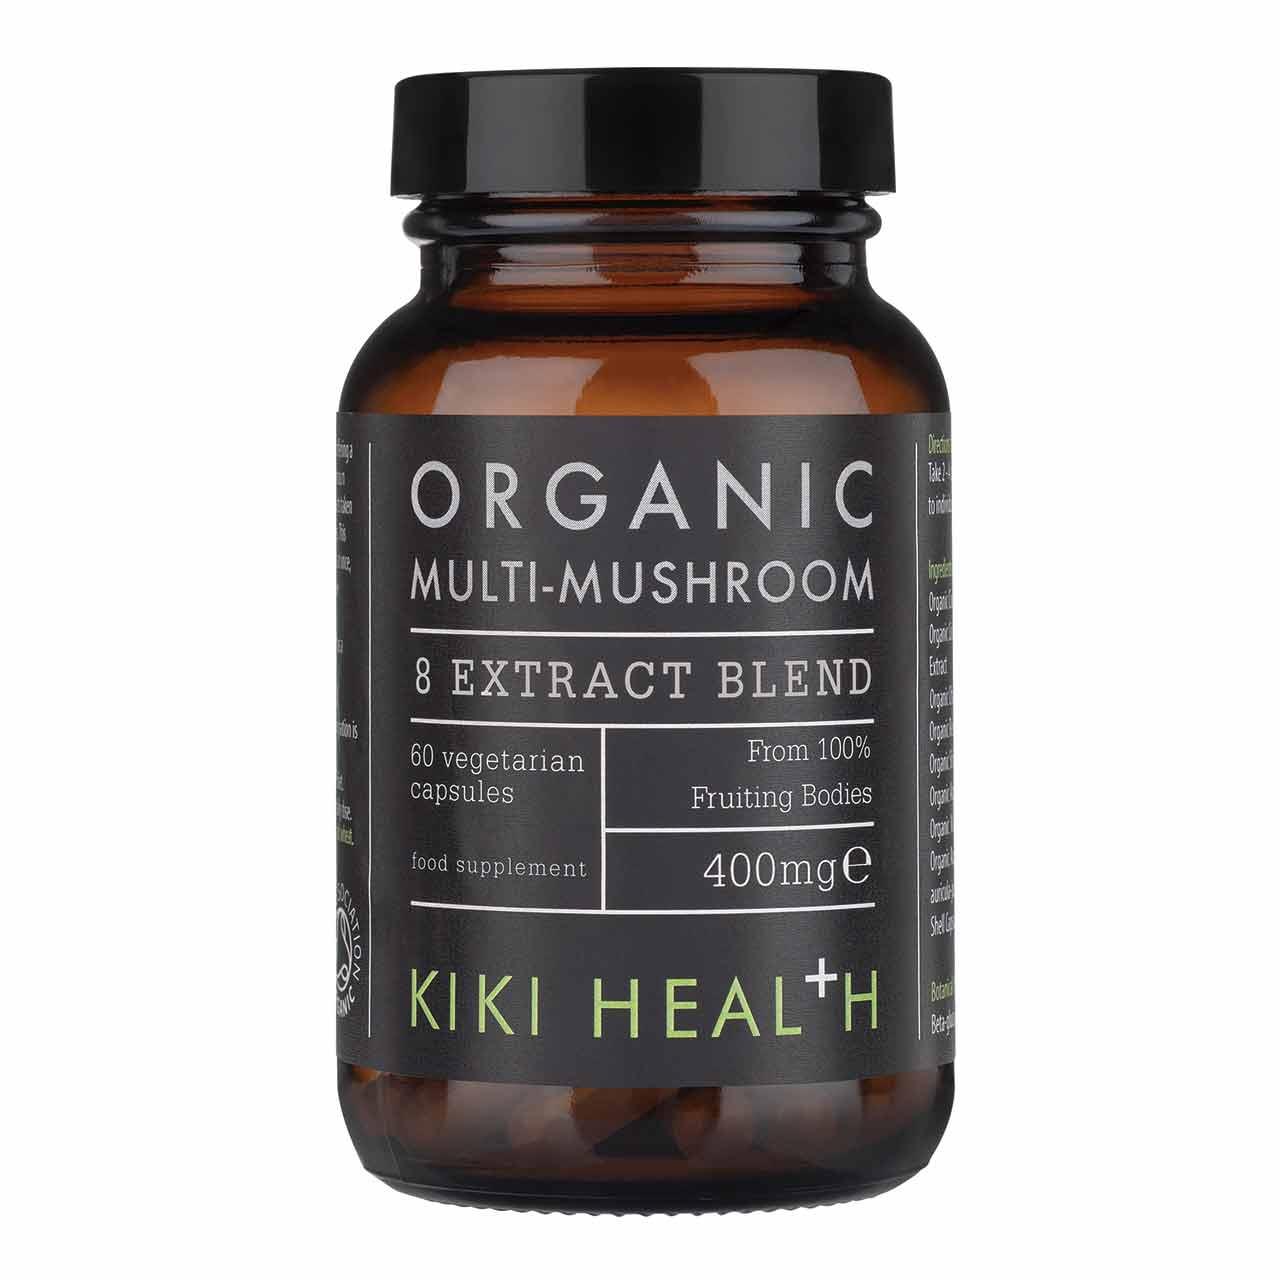 Organic Multi-Mushroom Blend 60's